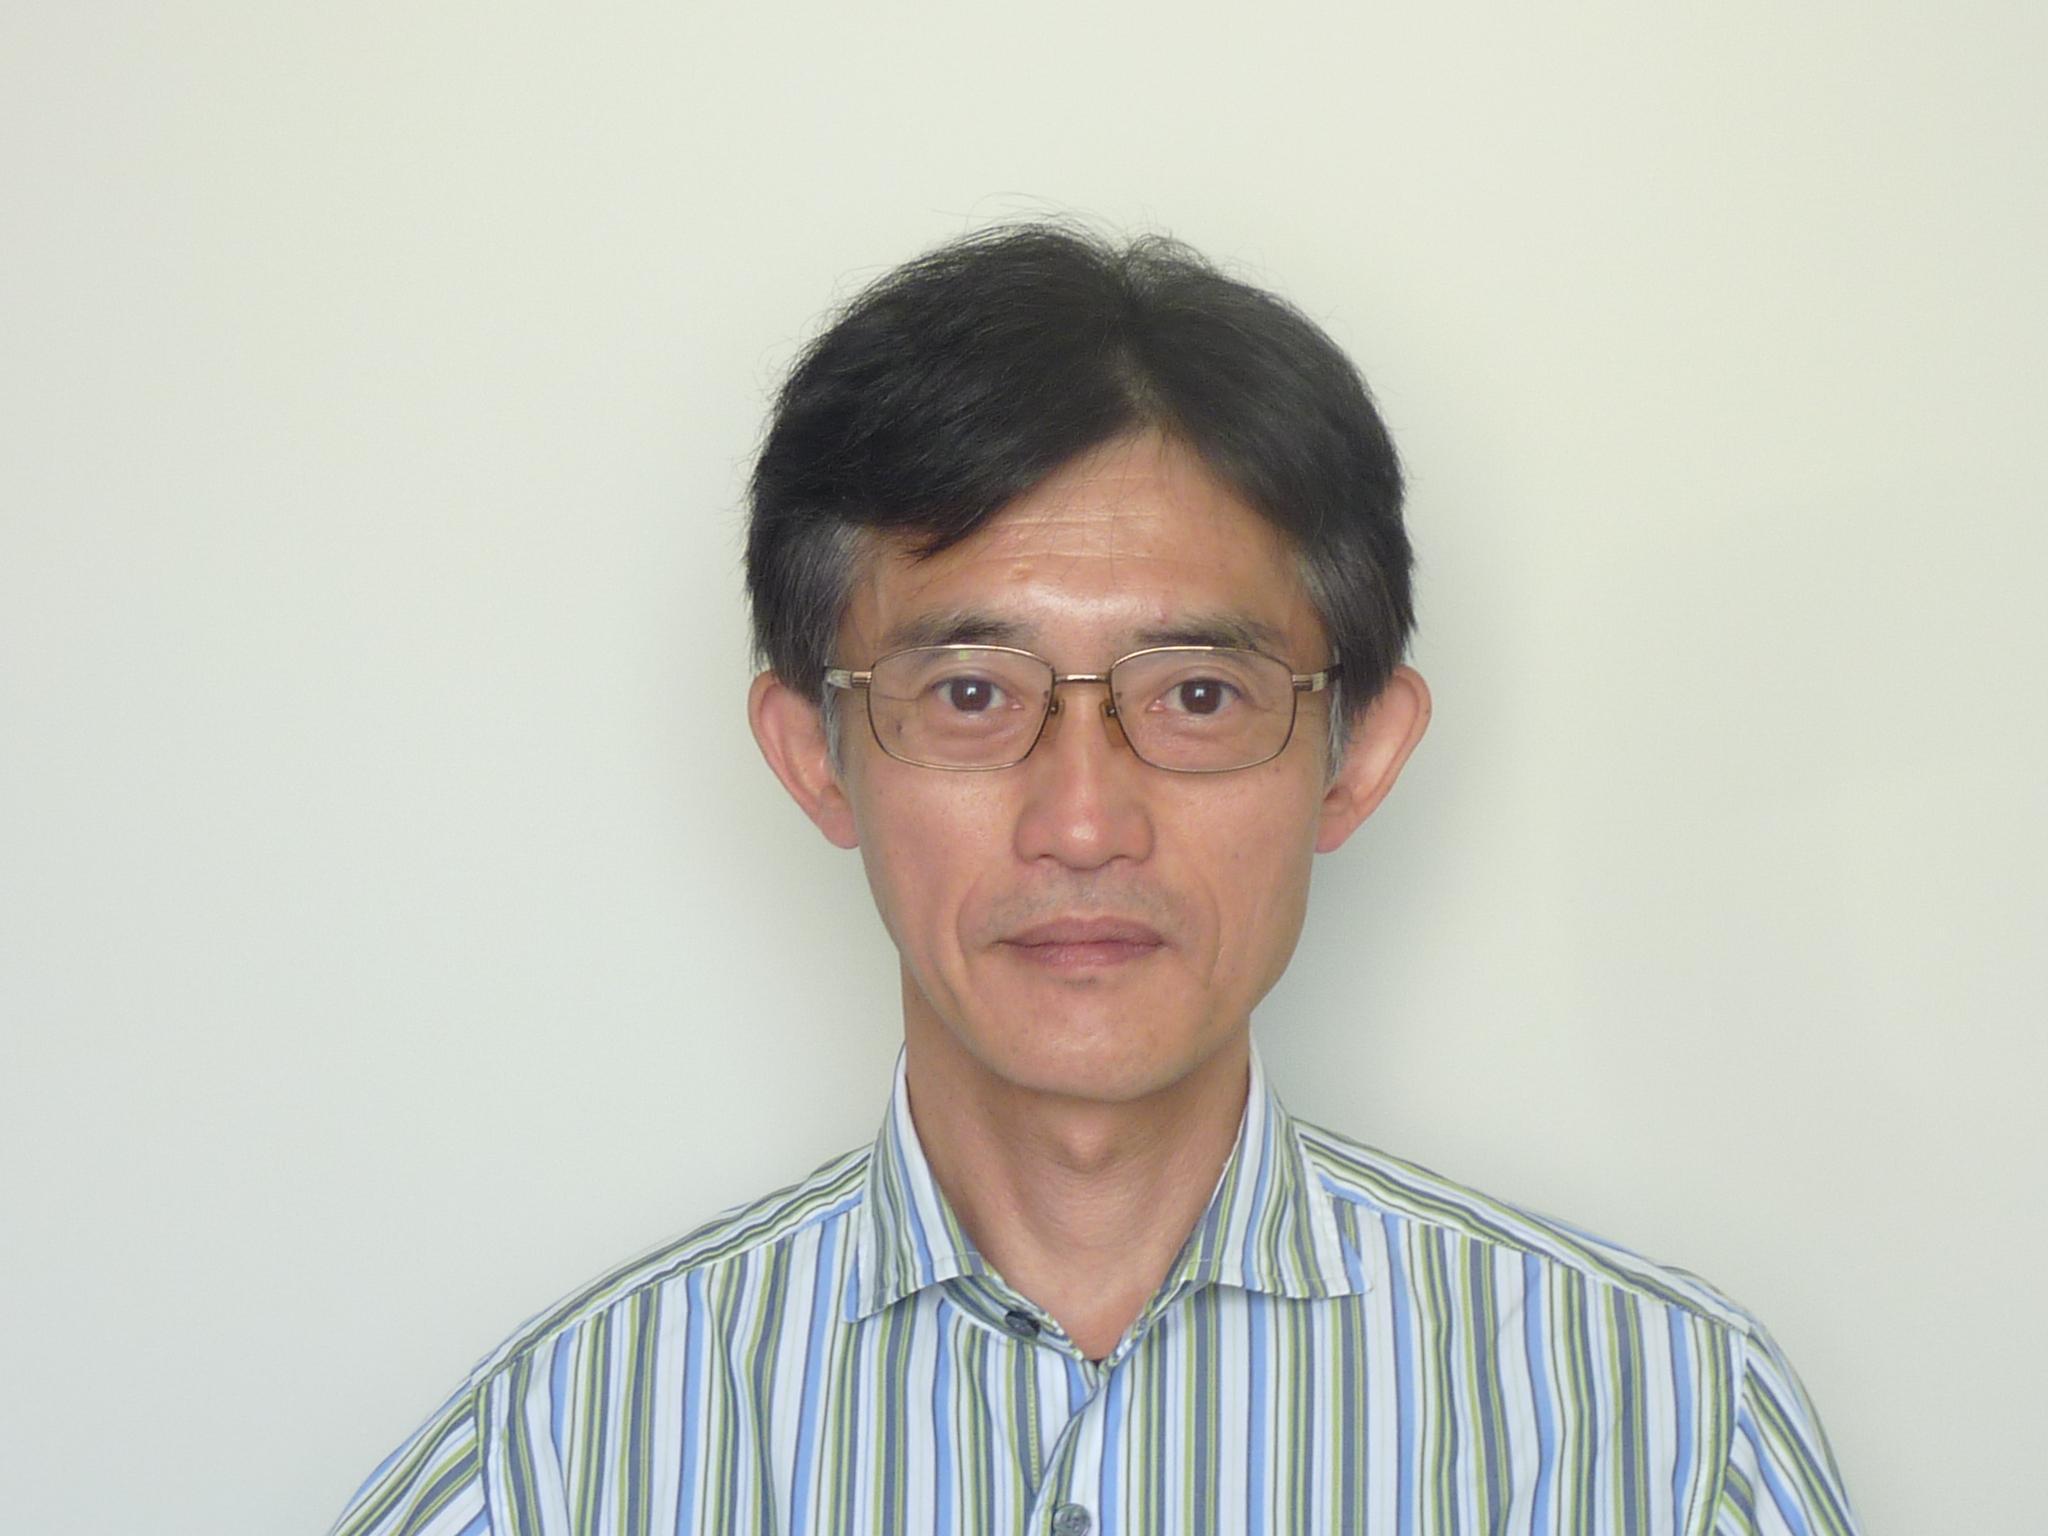 青年・学生委員会事務局長 辻 慎一